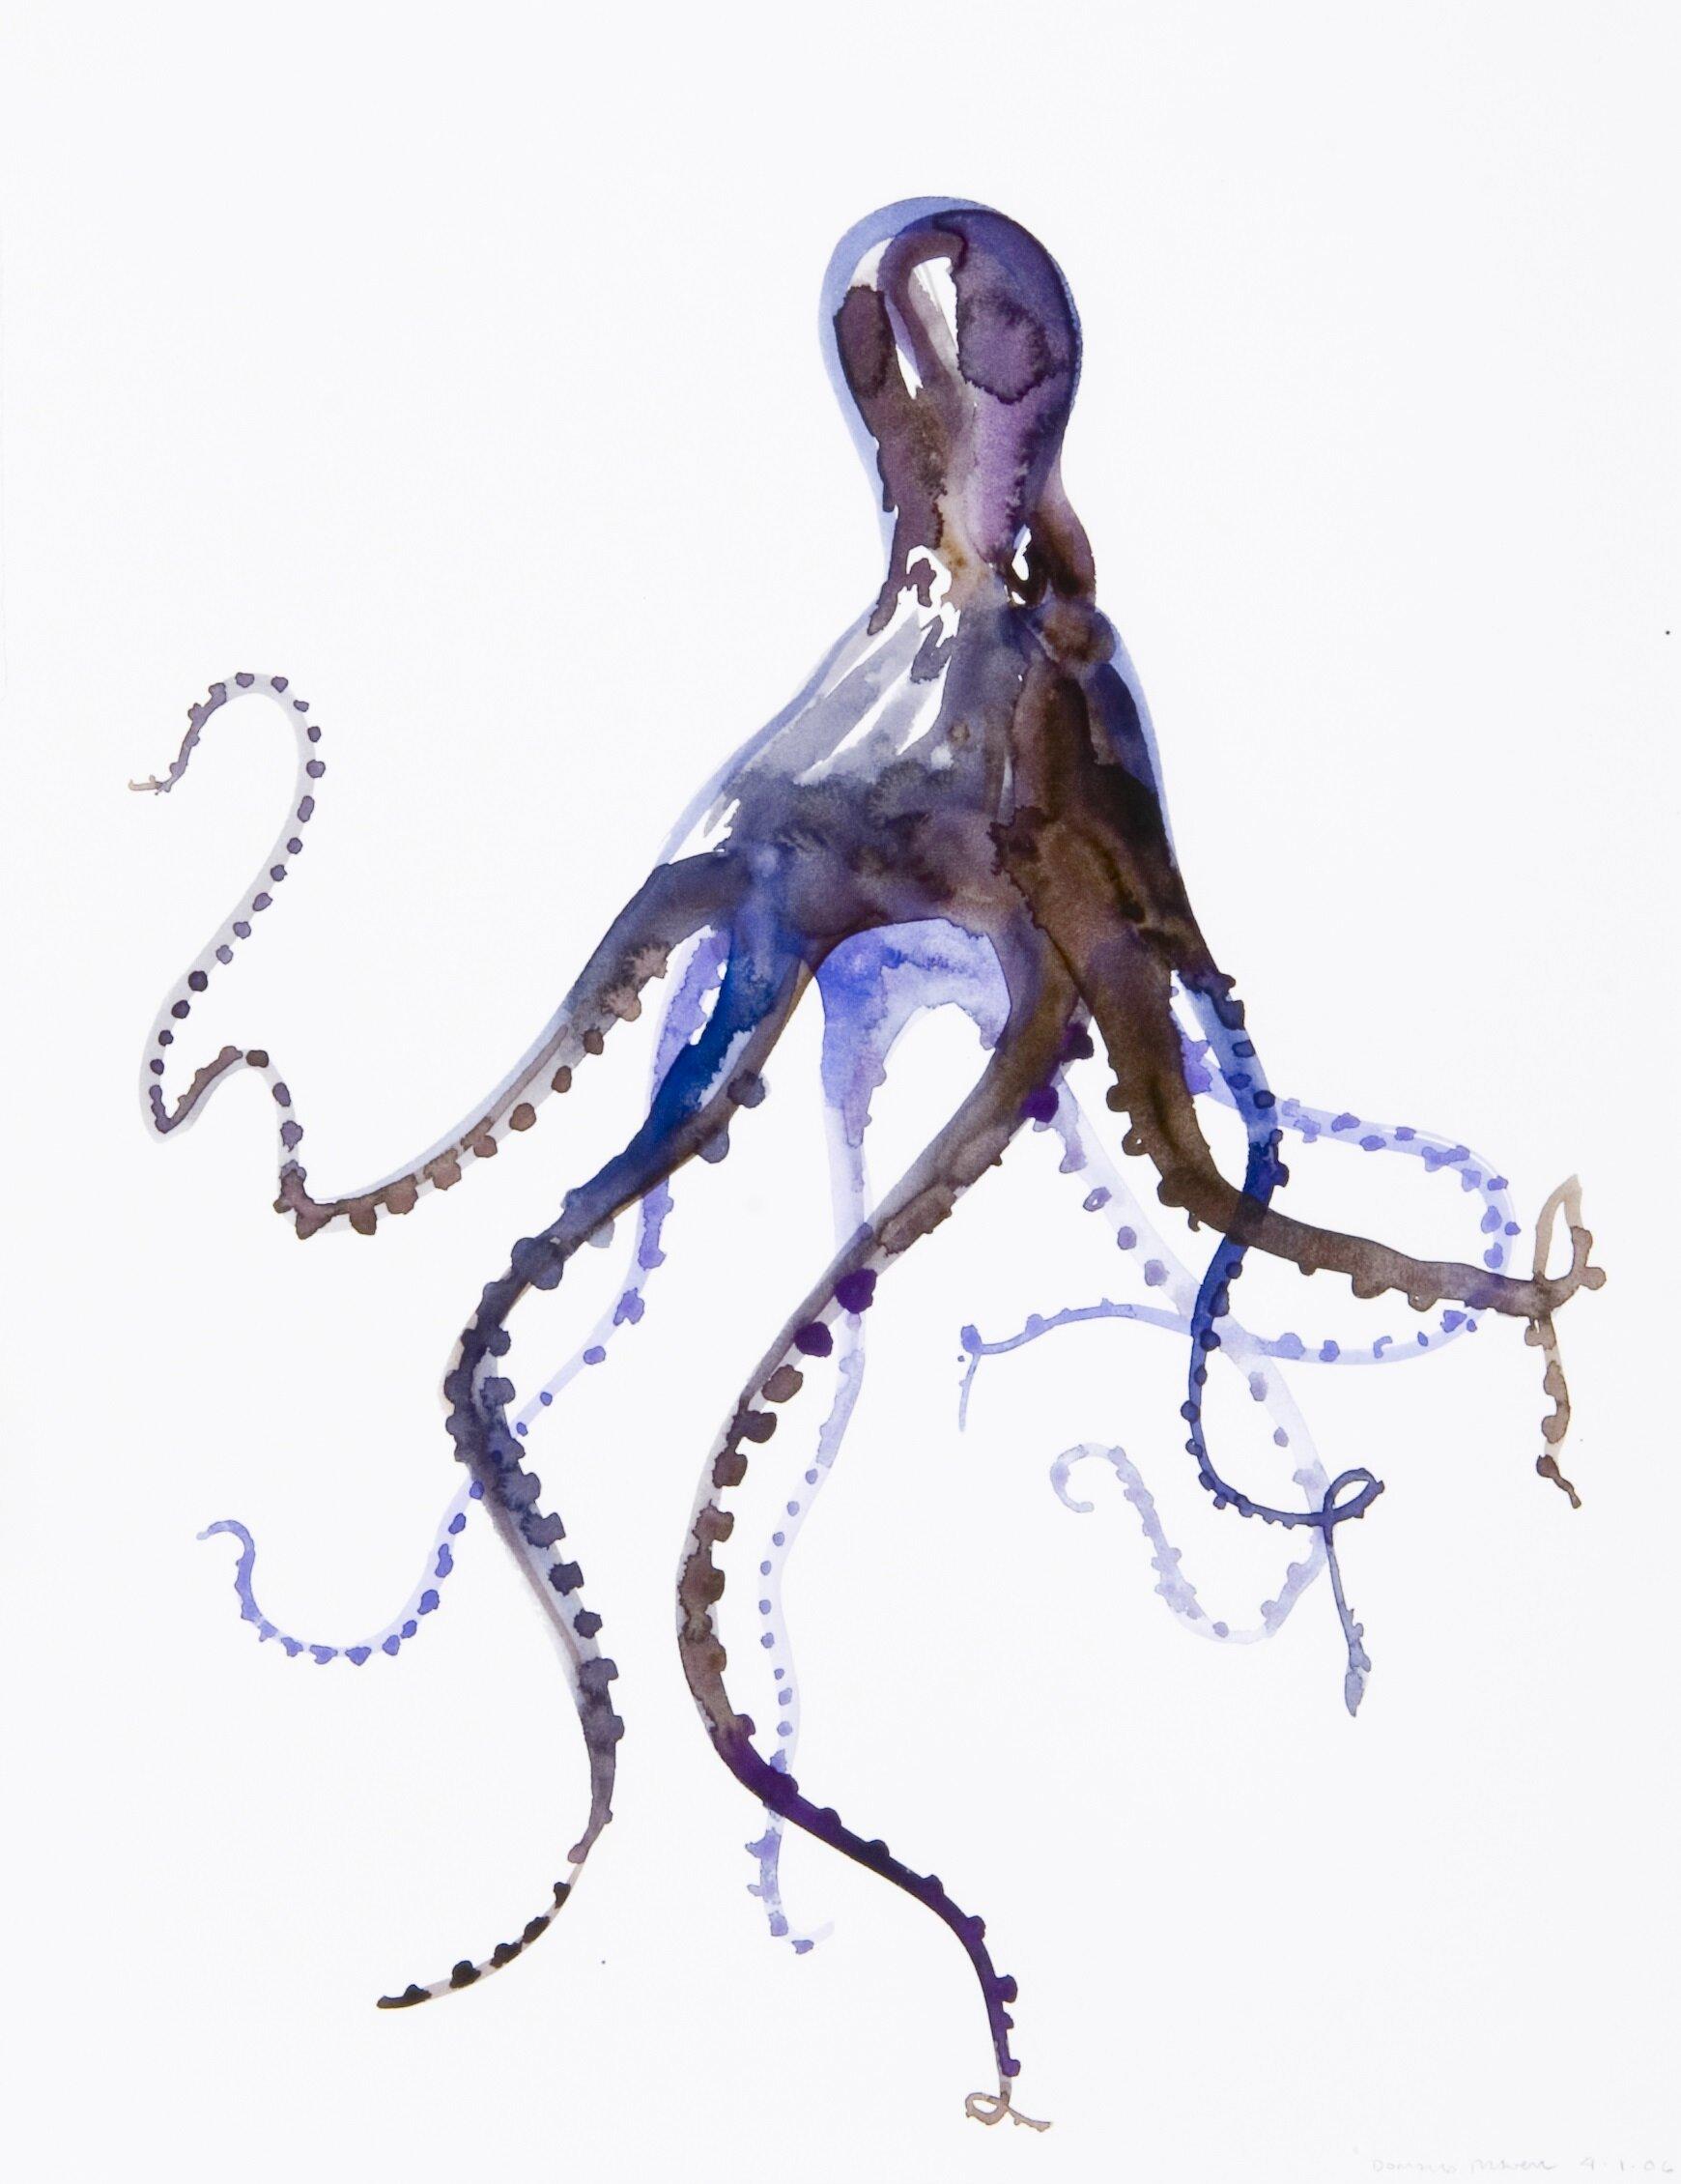 Octopus09.jpg